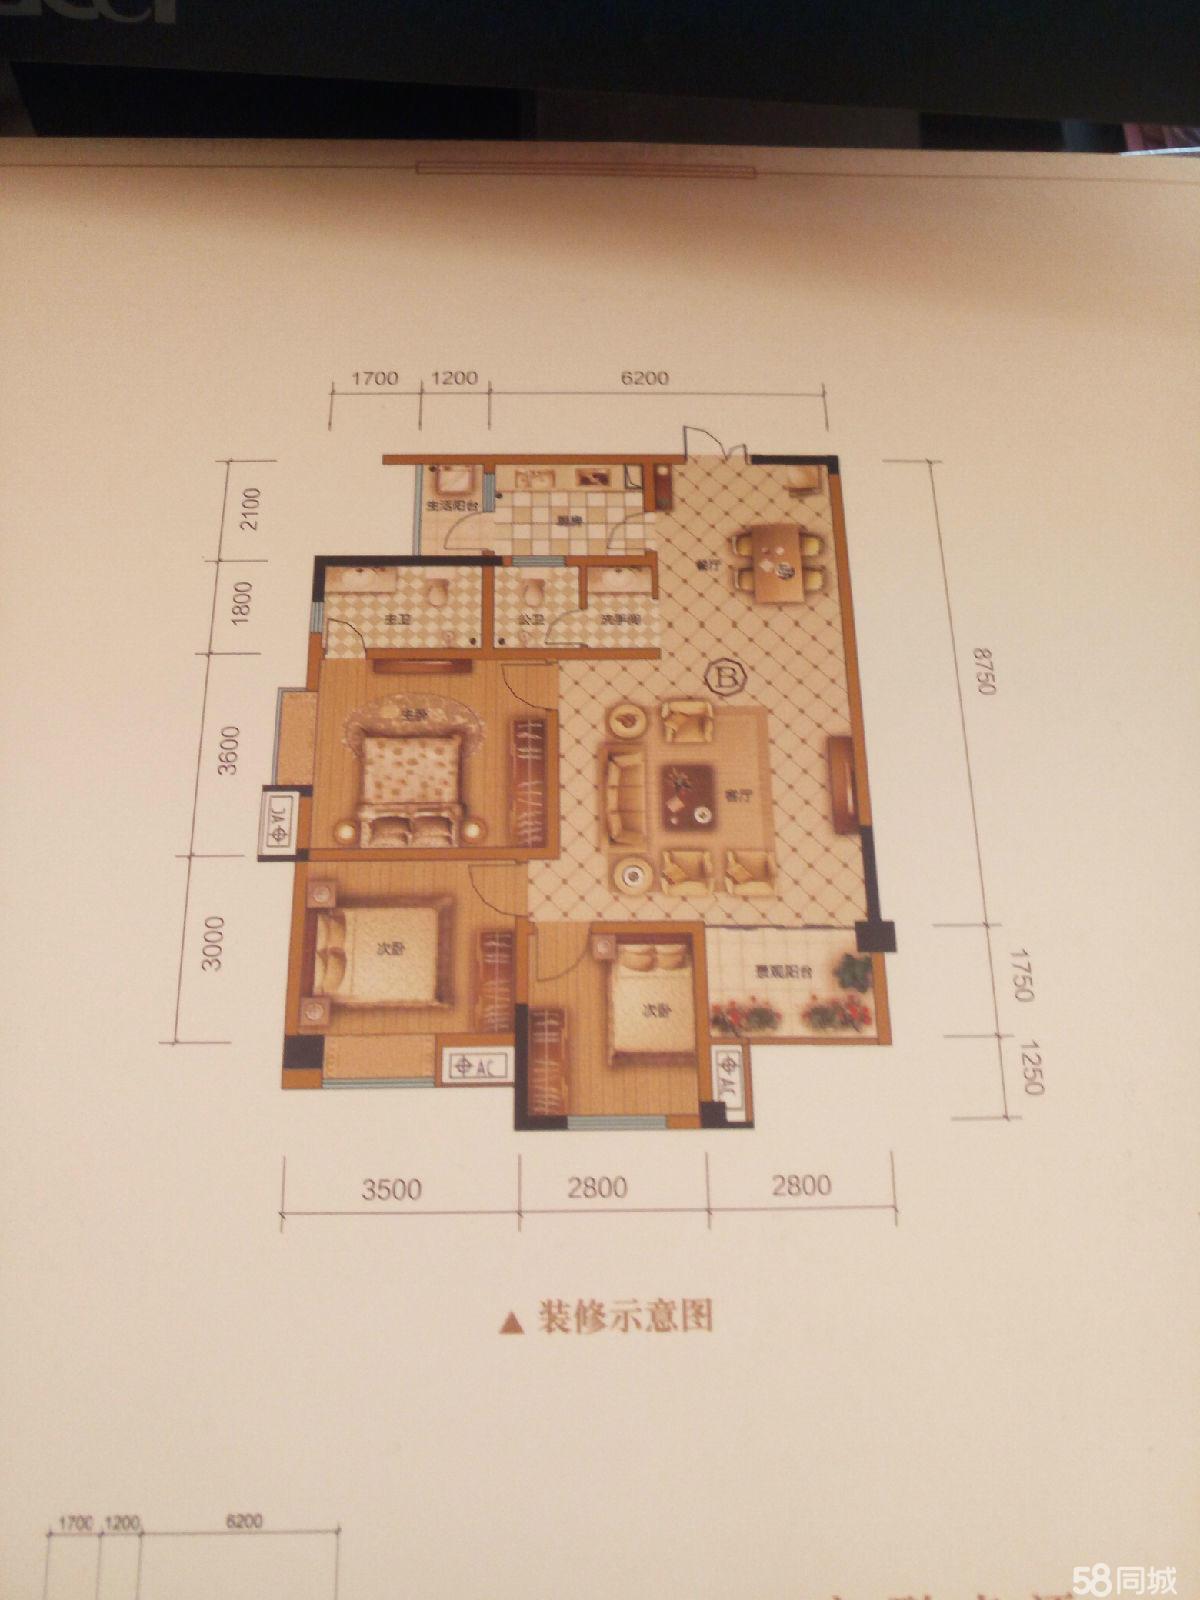 澳门拉斯维加斯赌场宇通洪瑞国际3室2厅2卫110.12平米